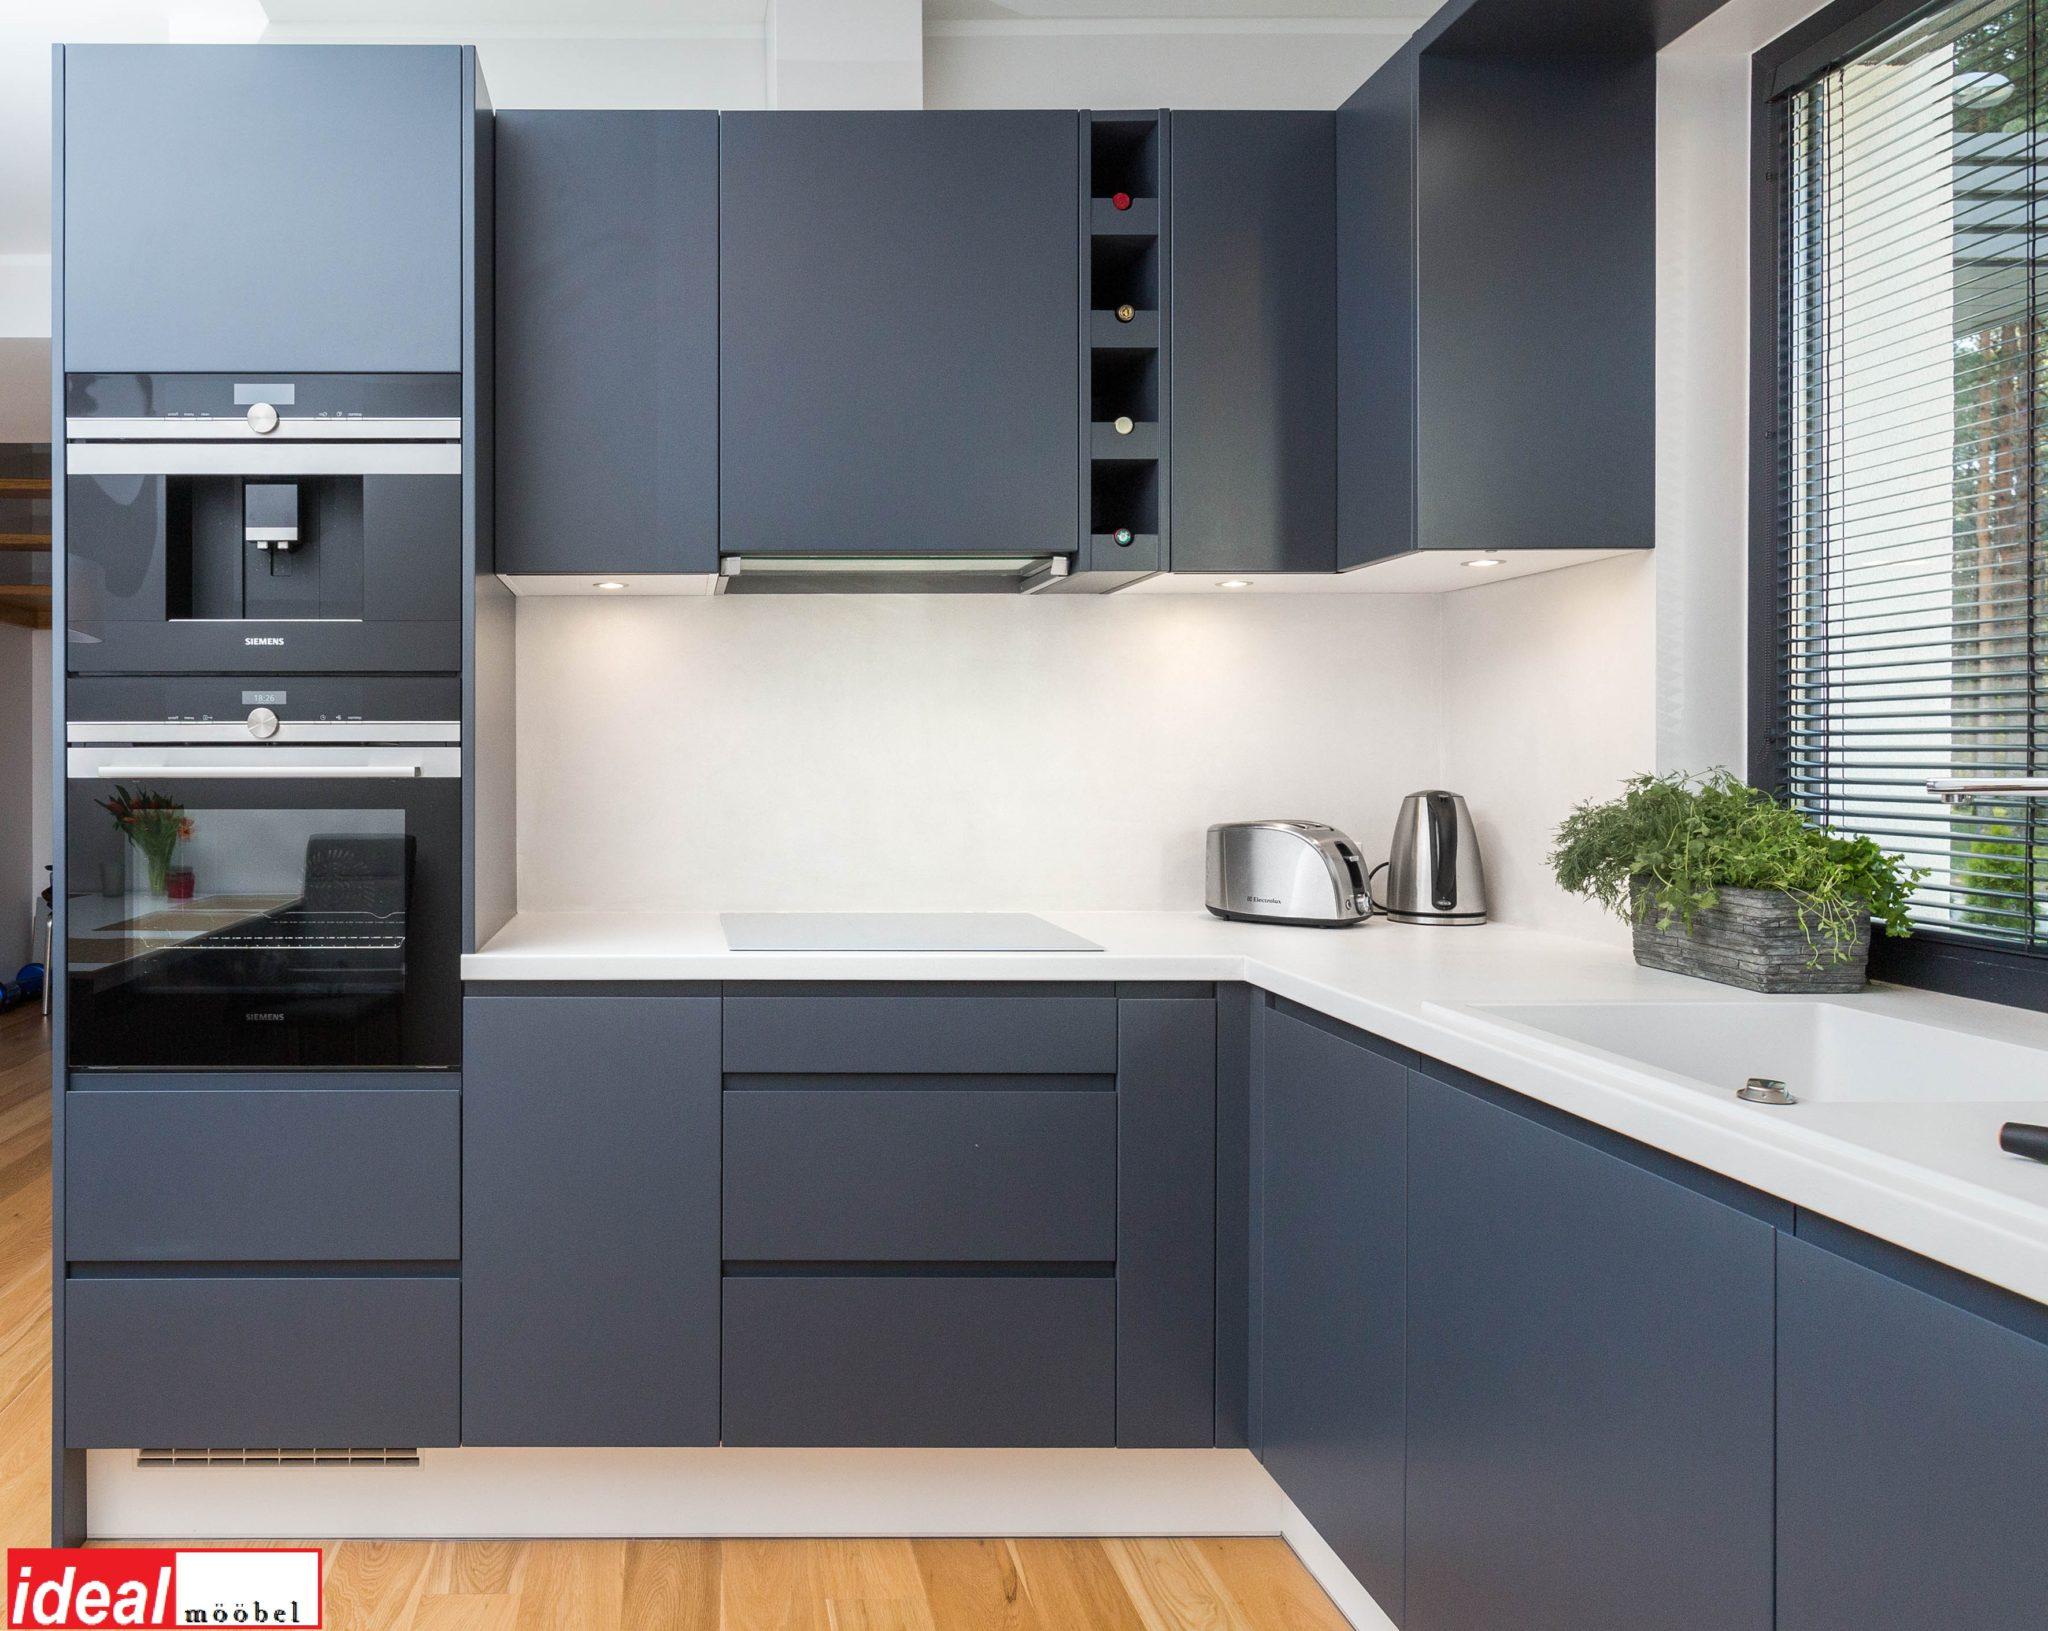 Freesitud käepidemetega köögimööbel